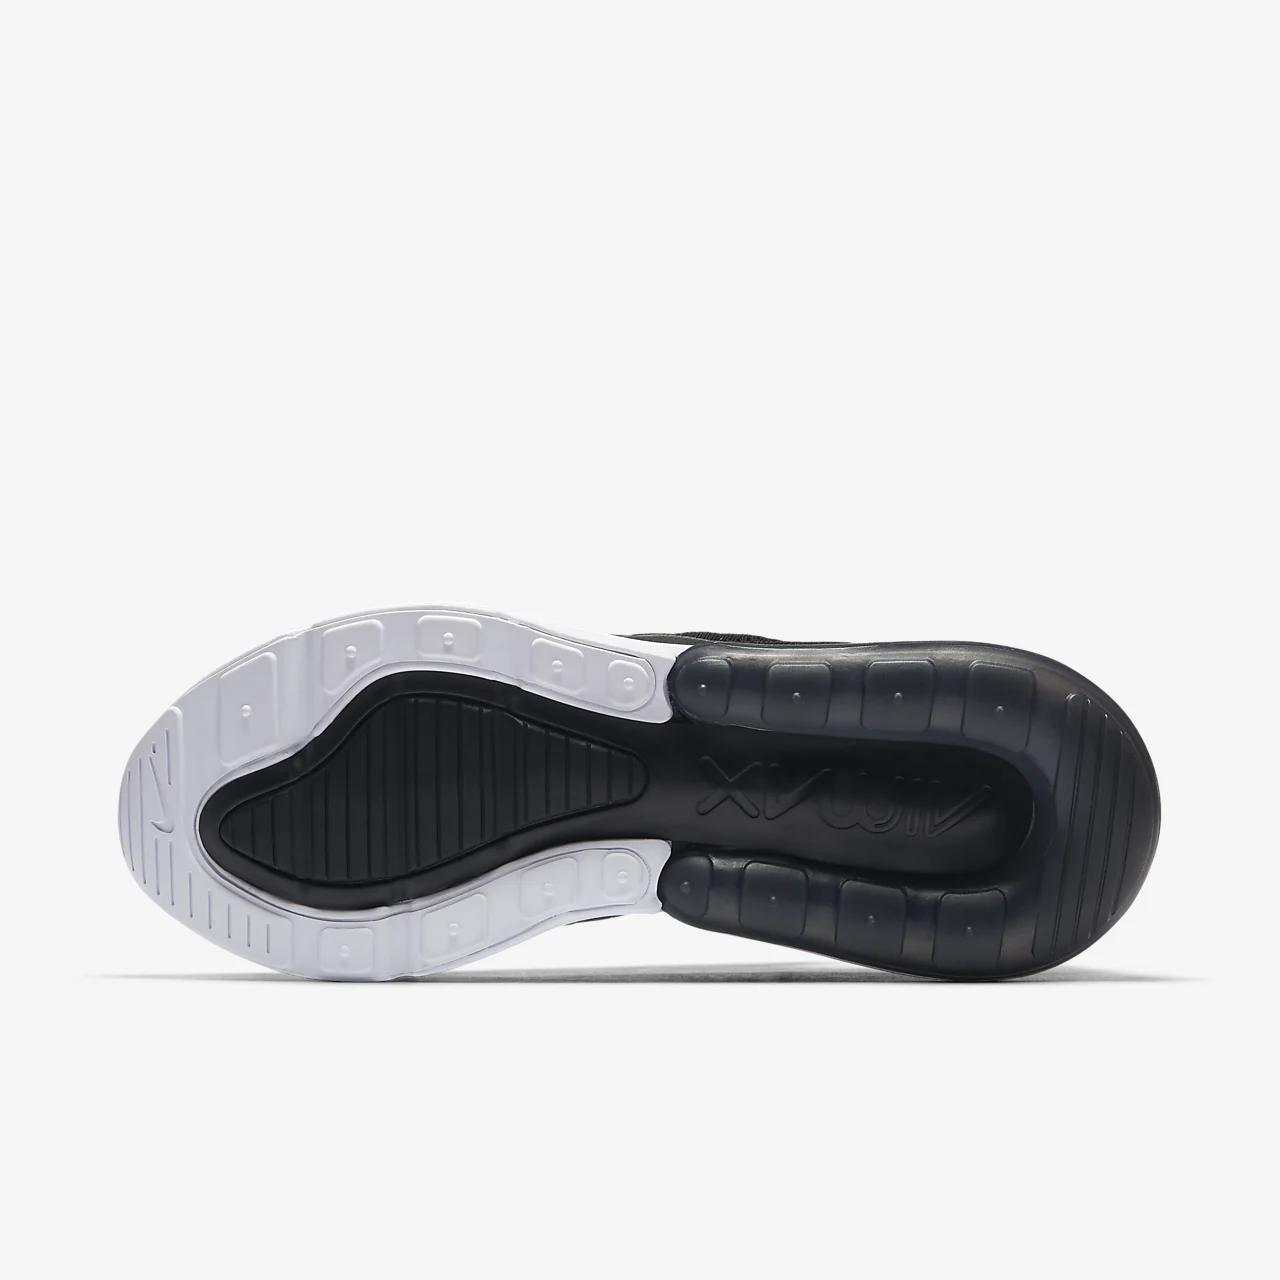 나이키 에어 맥스 270 여성 신발 AH6789-001